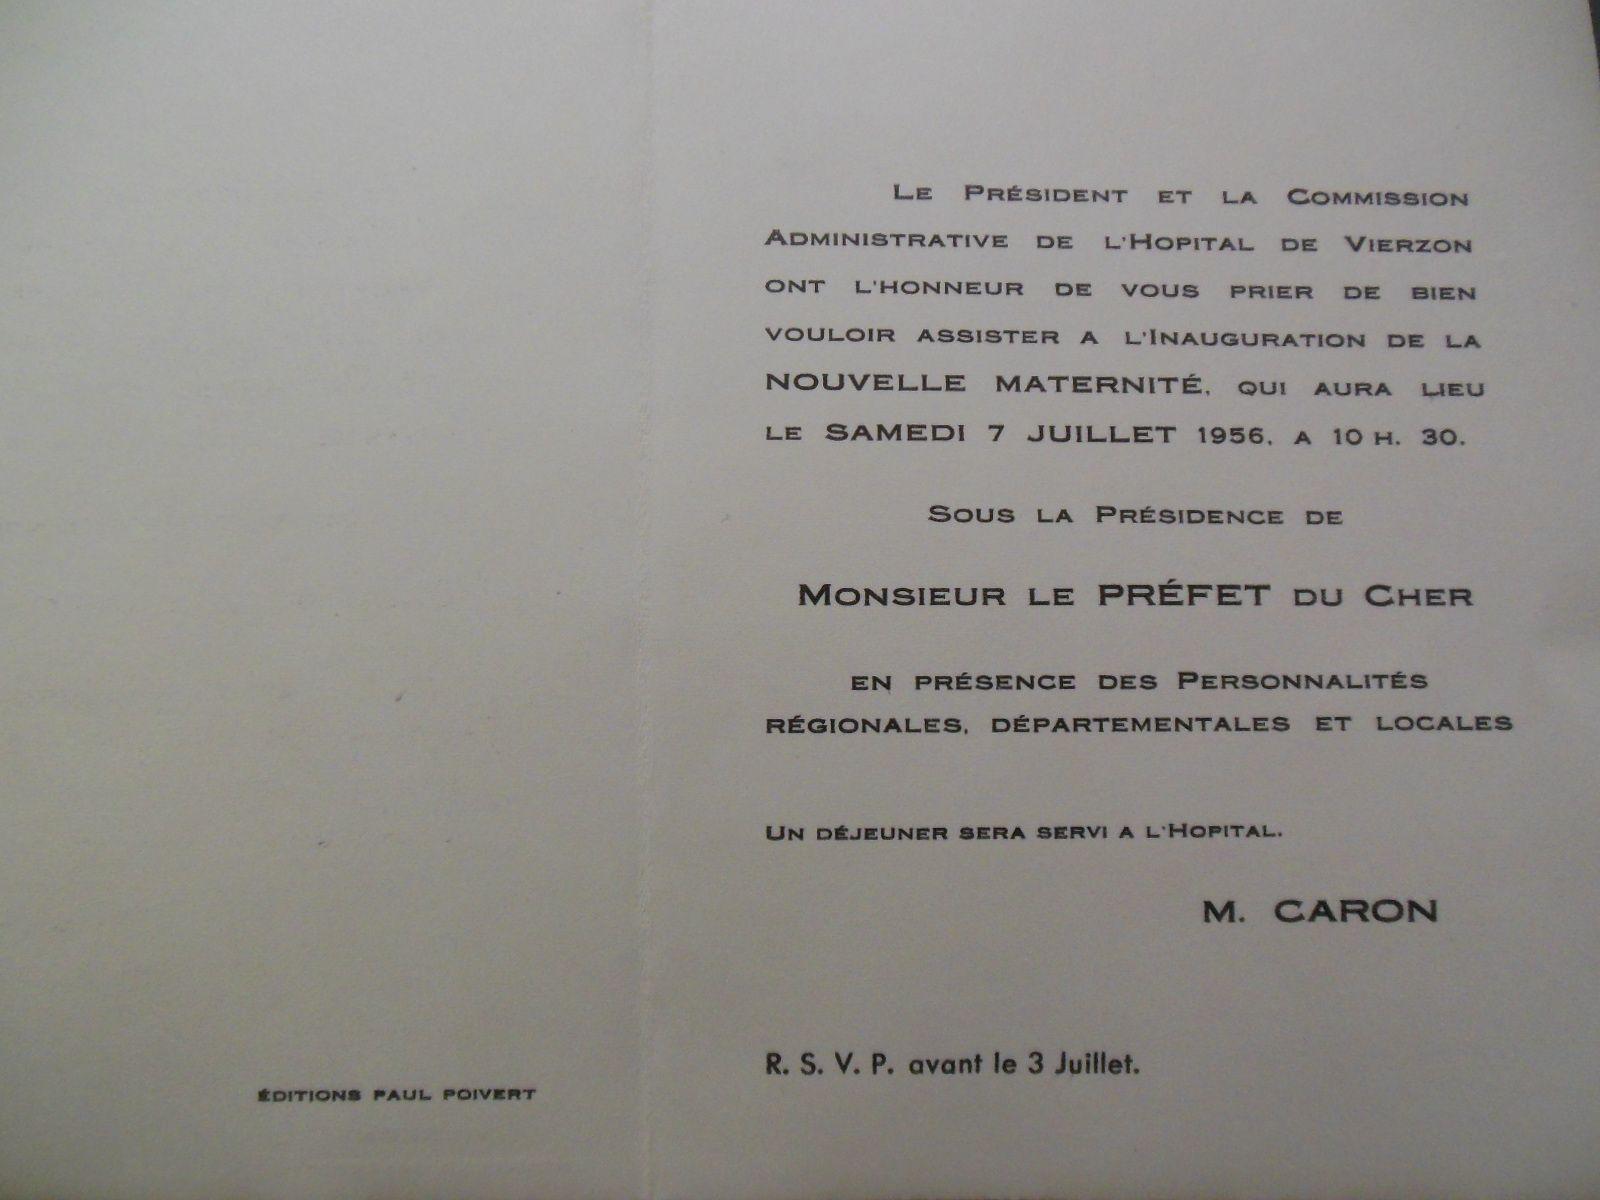 7 juillet 1956, naissance de la nouvelle maternité de Vierzon !